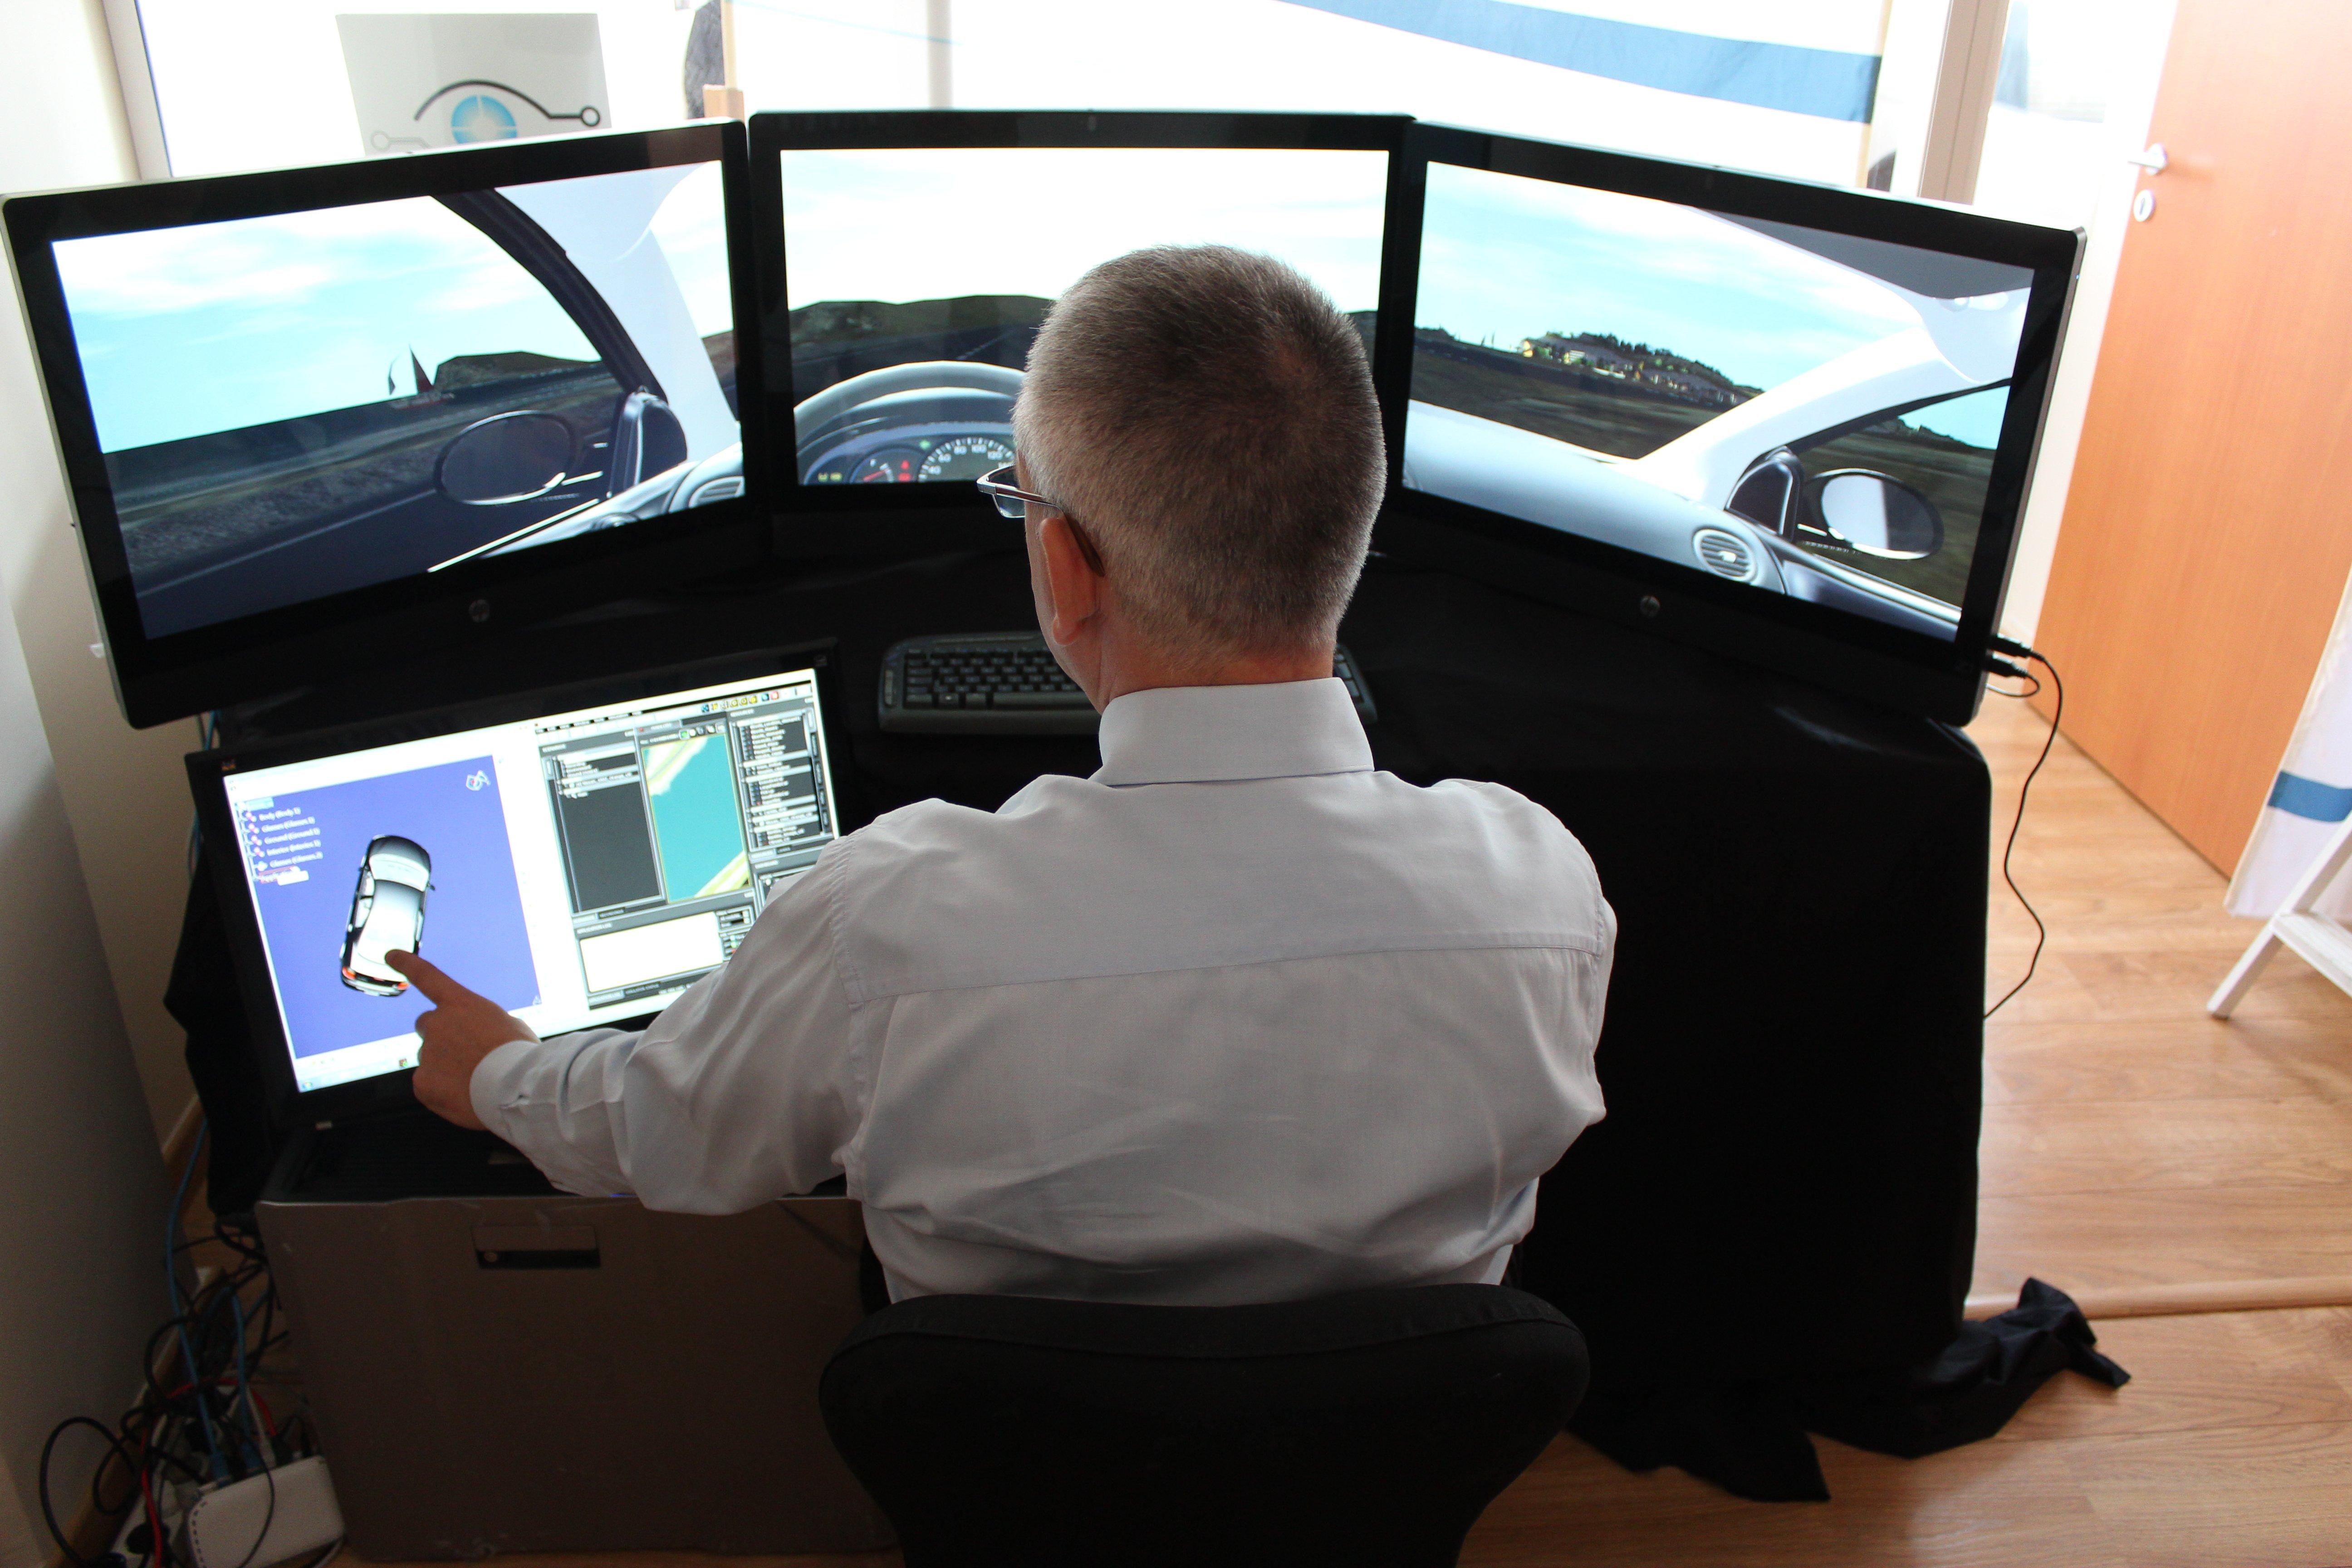 男子通过虚拟现实观摩汽车内部